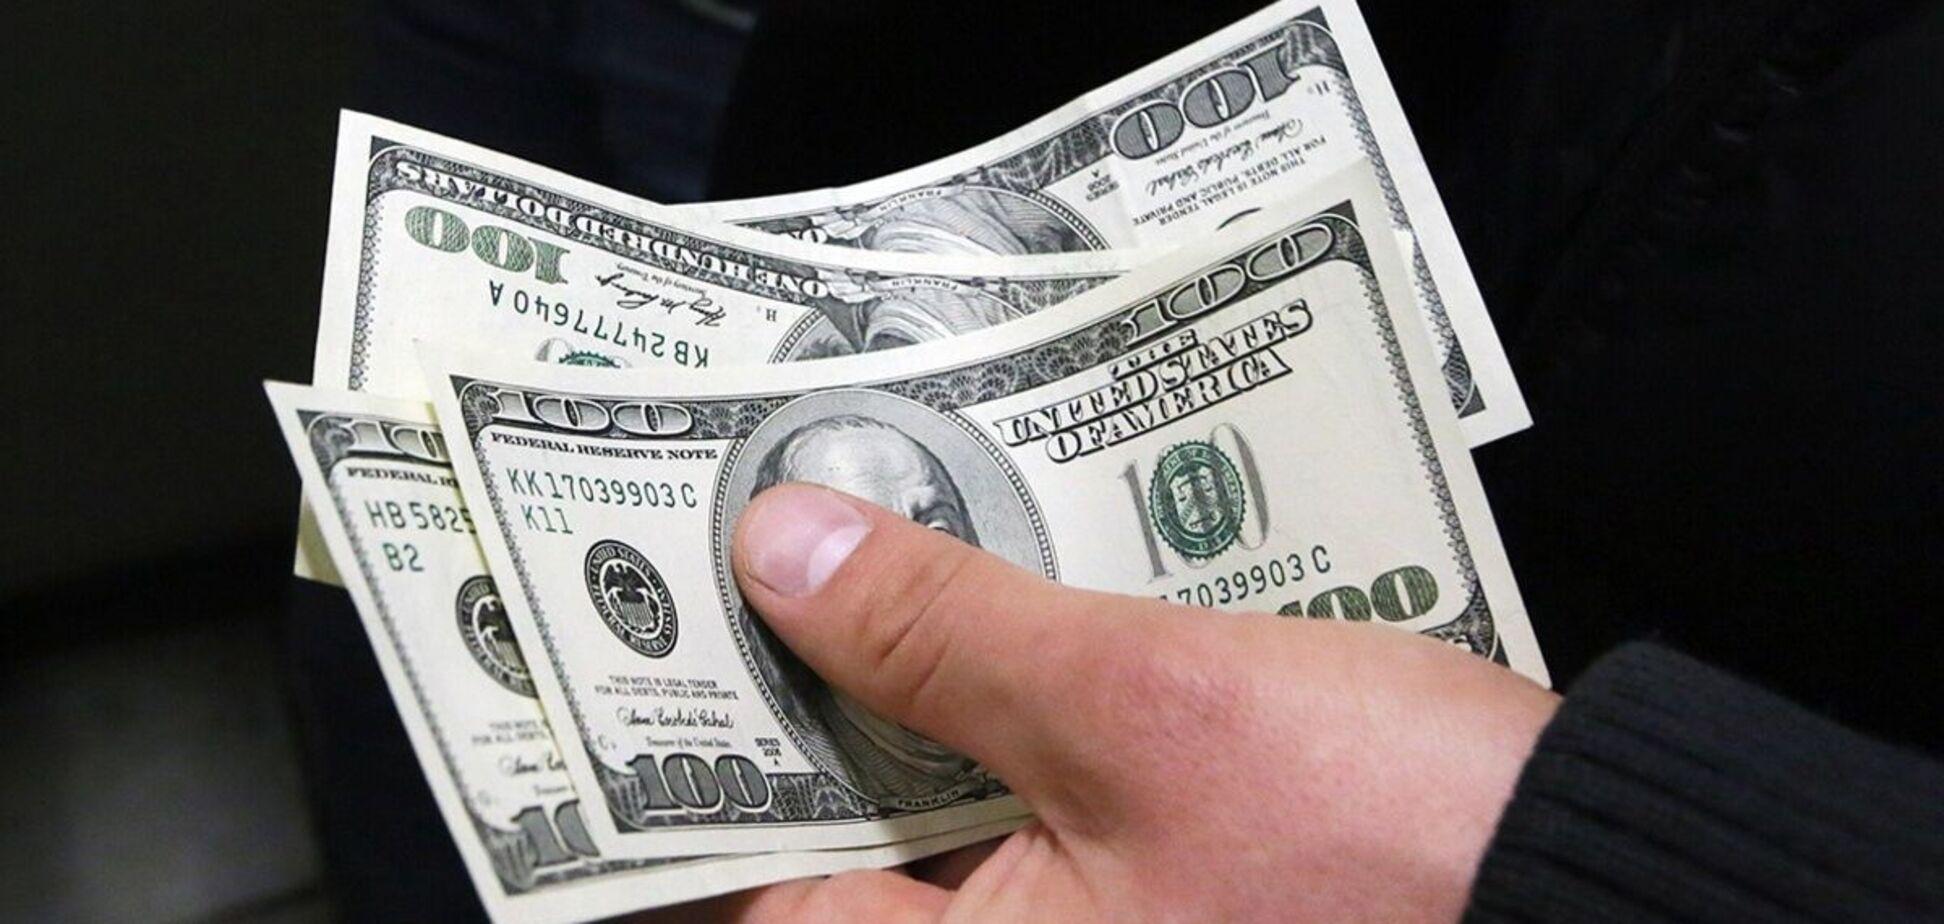 Адвокат спростував причетність Іванющенка до конфіскованих у Латвії грошей